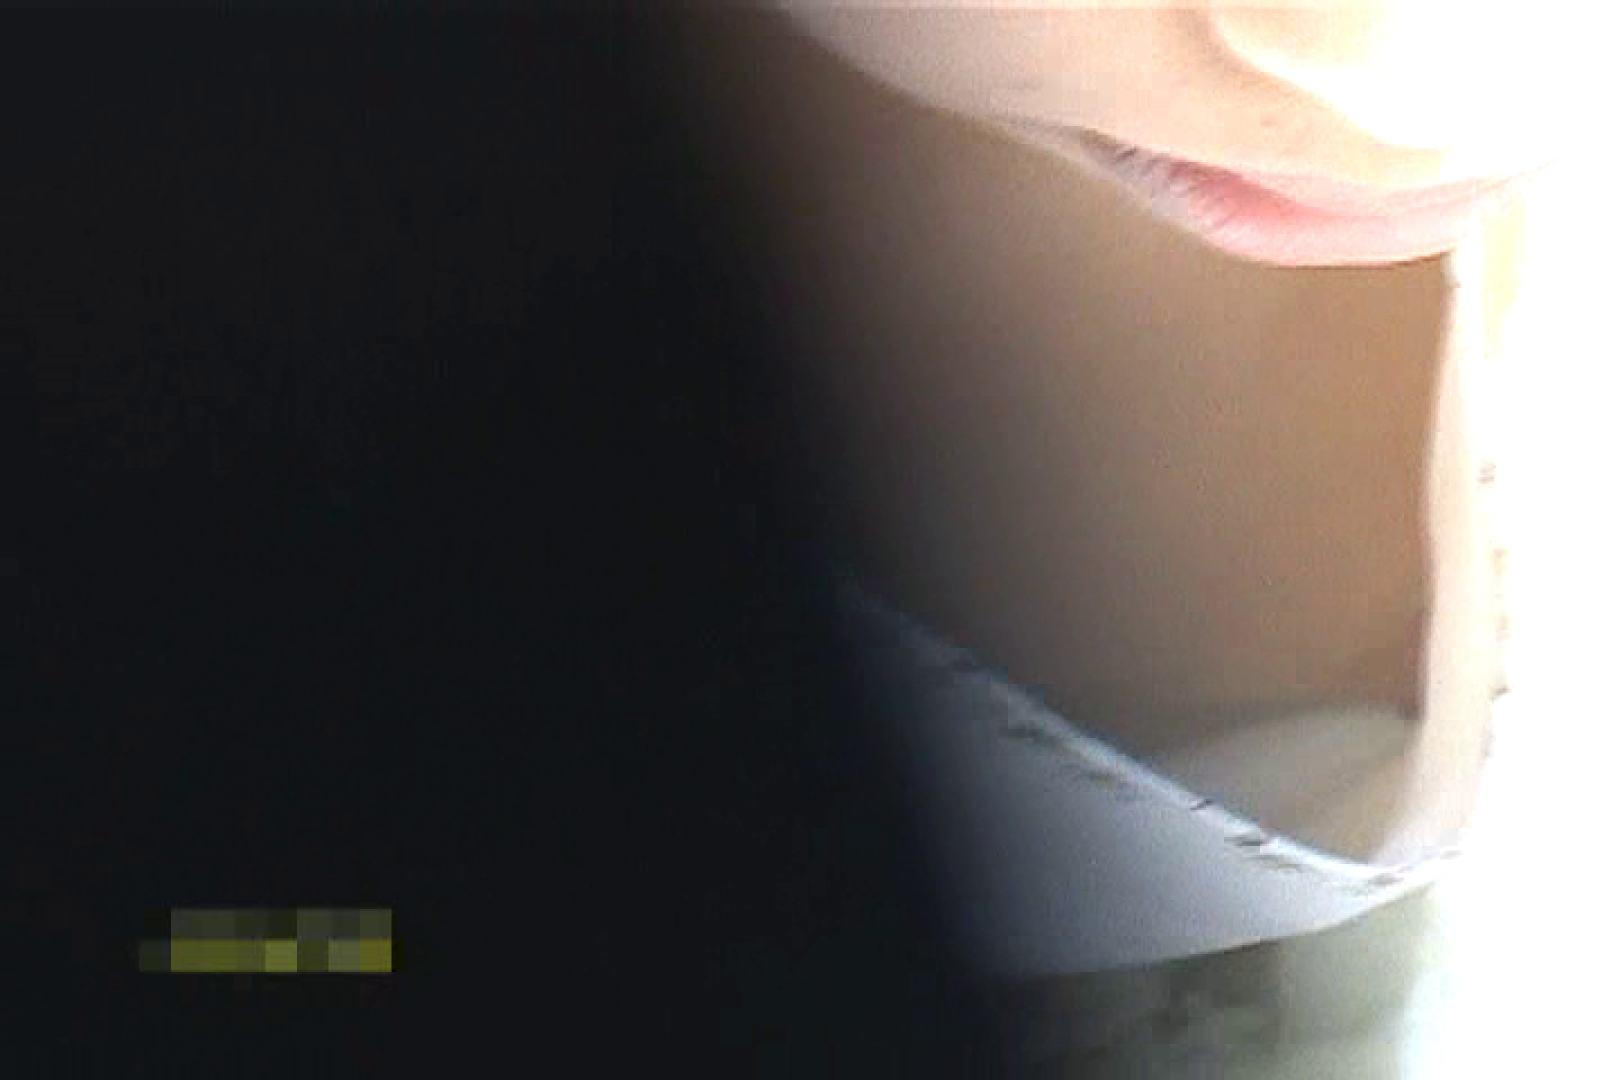 徘徊撮り!!街で出会った乳首たちVol.1 チラ 覗きおまんこ画像 104PIX 20